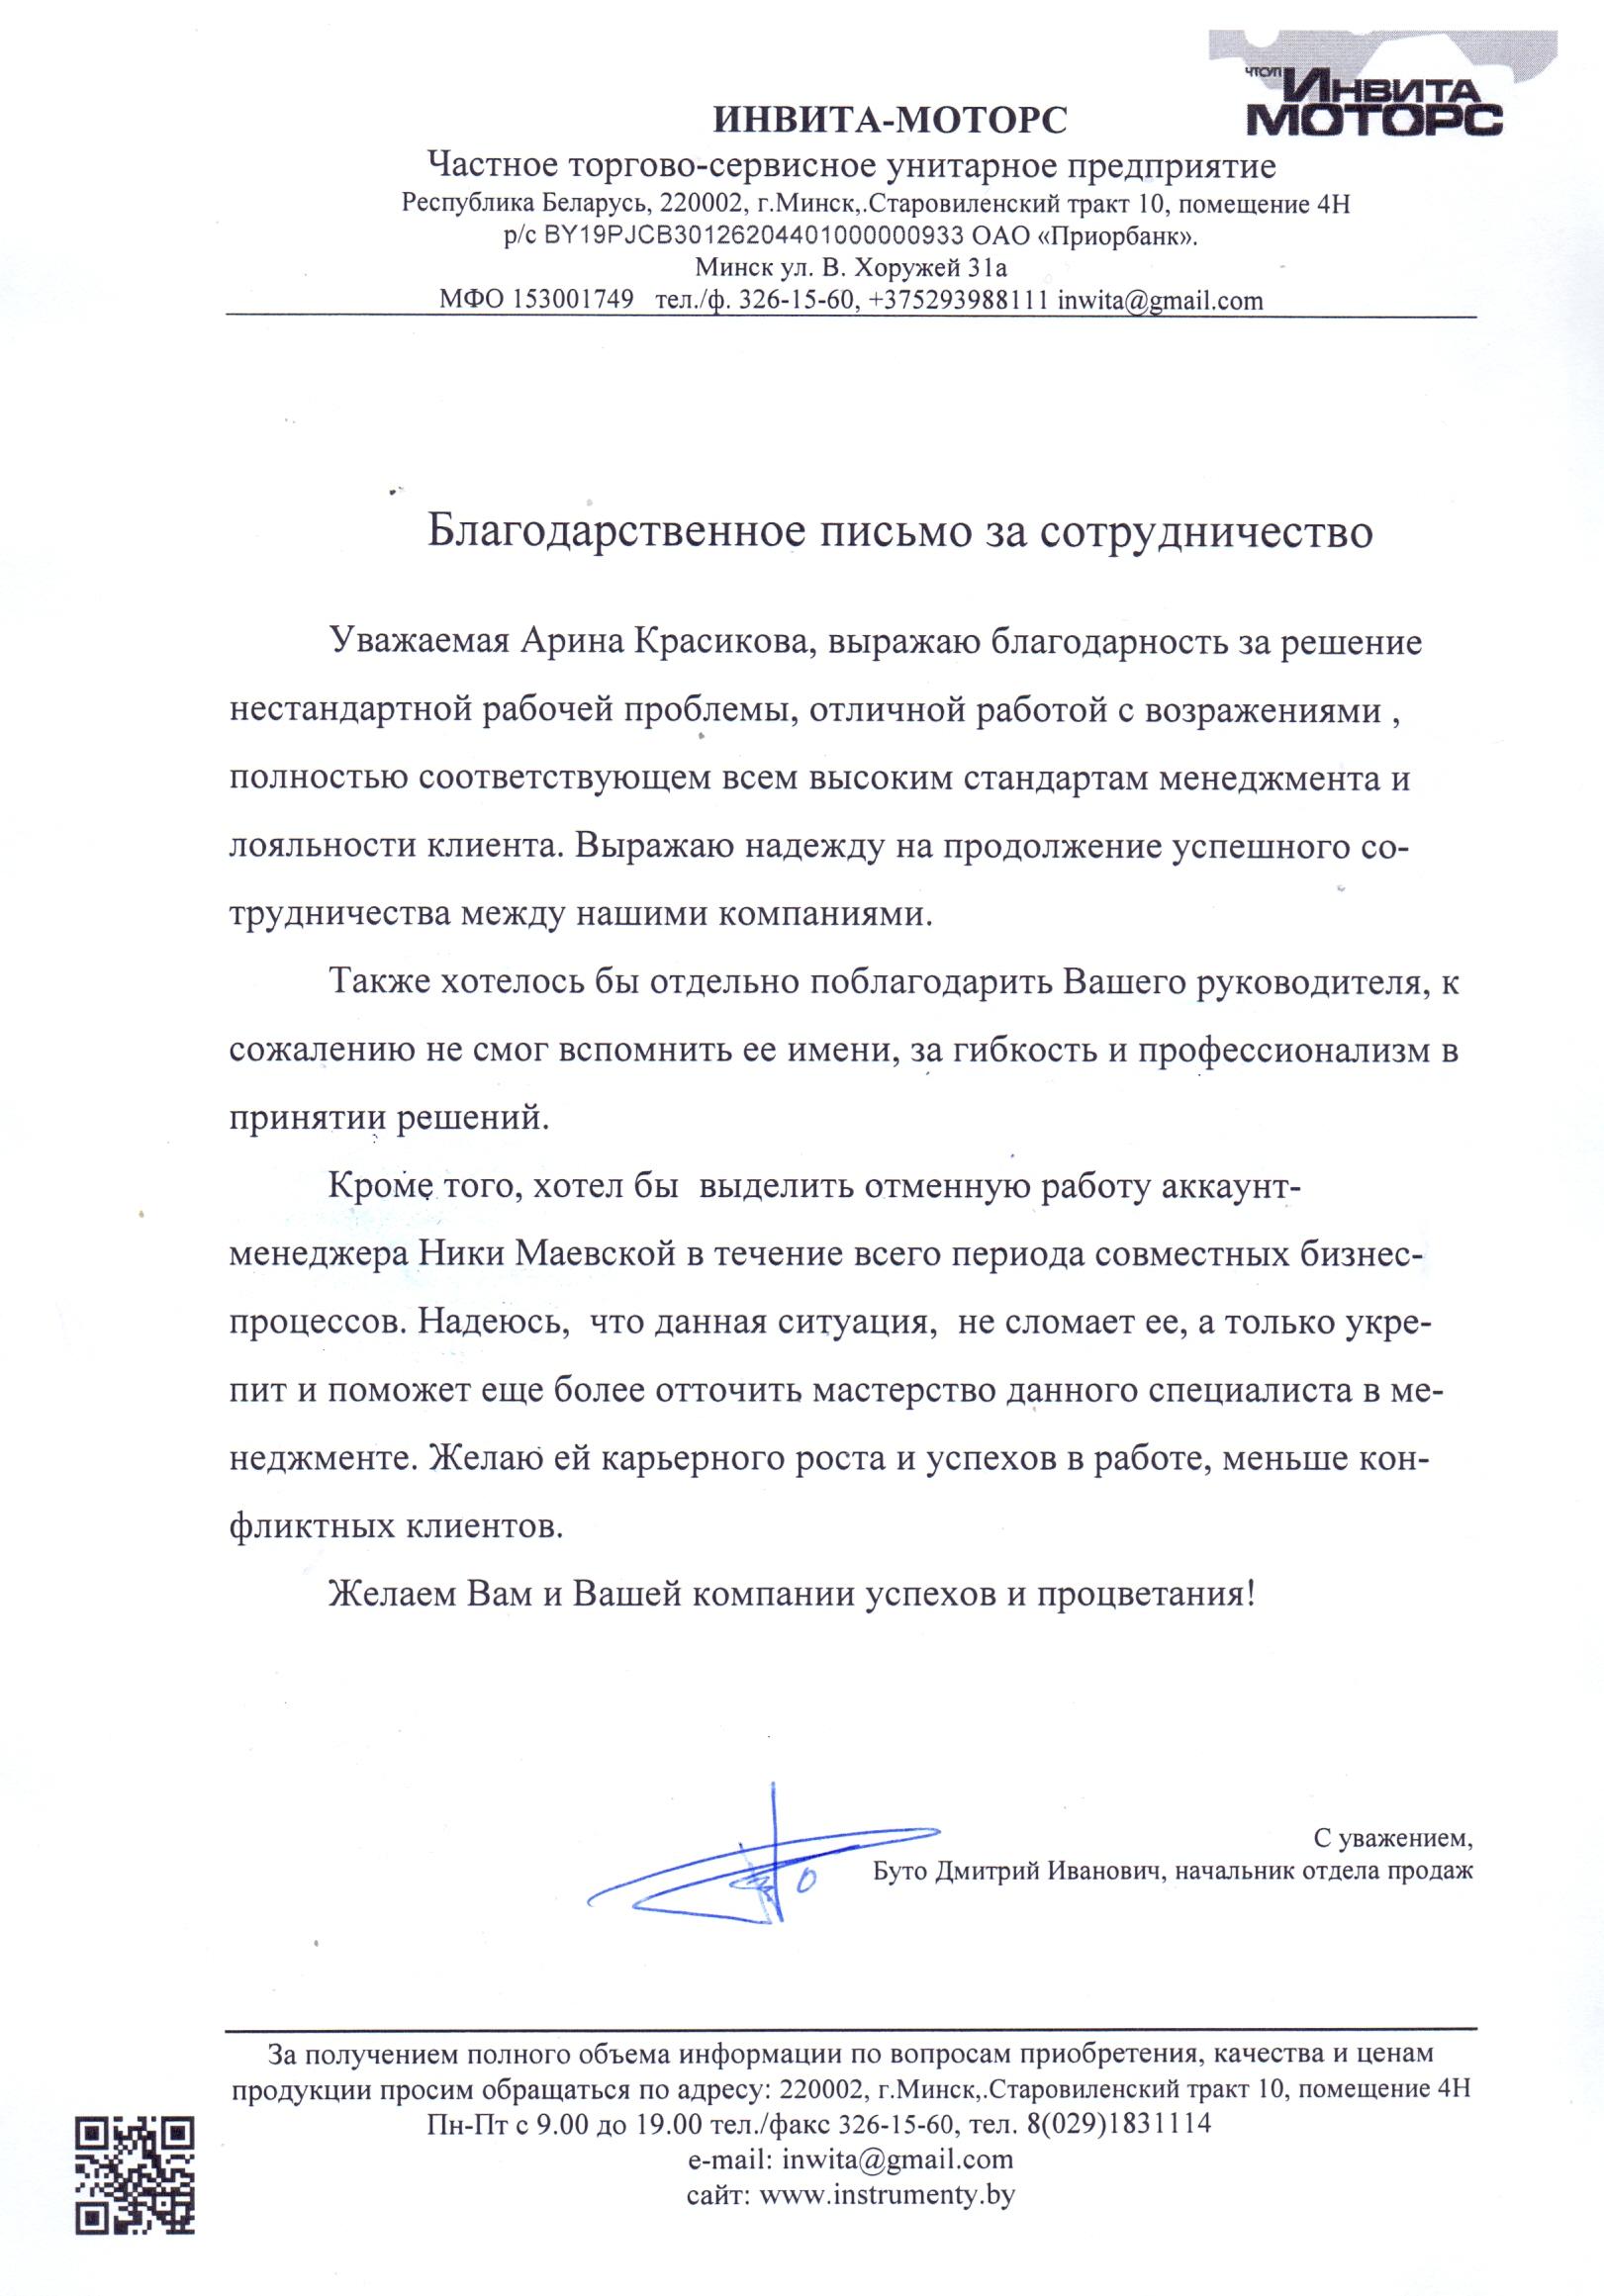 Начальник отдела продаж  Инвита-Моторс